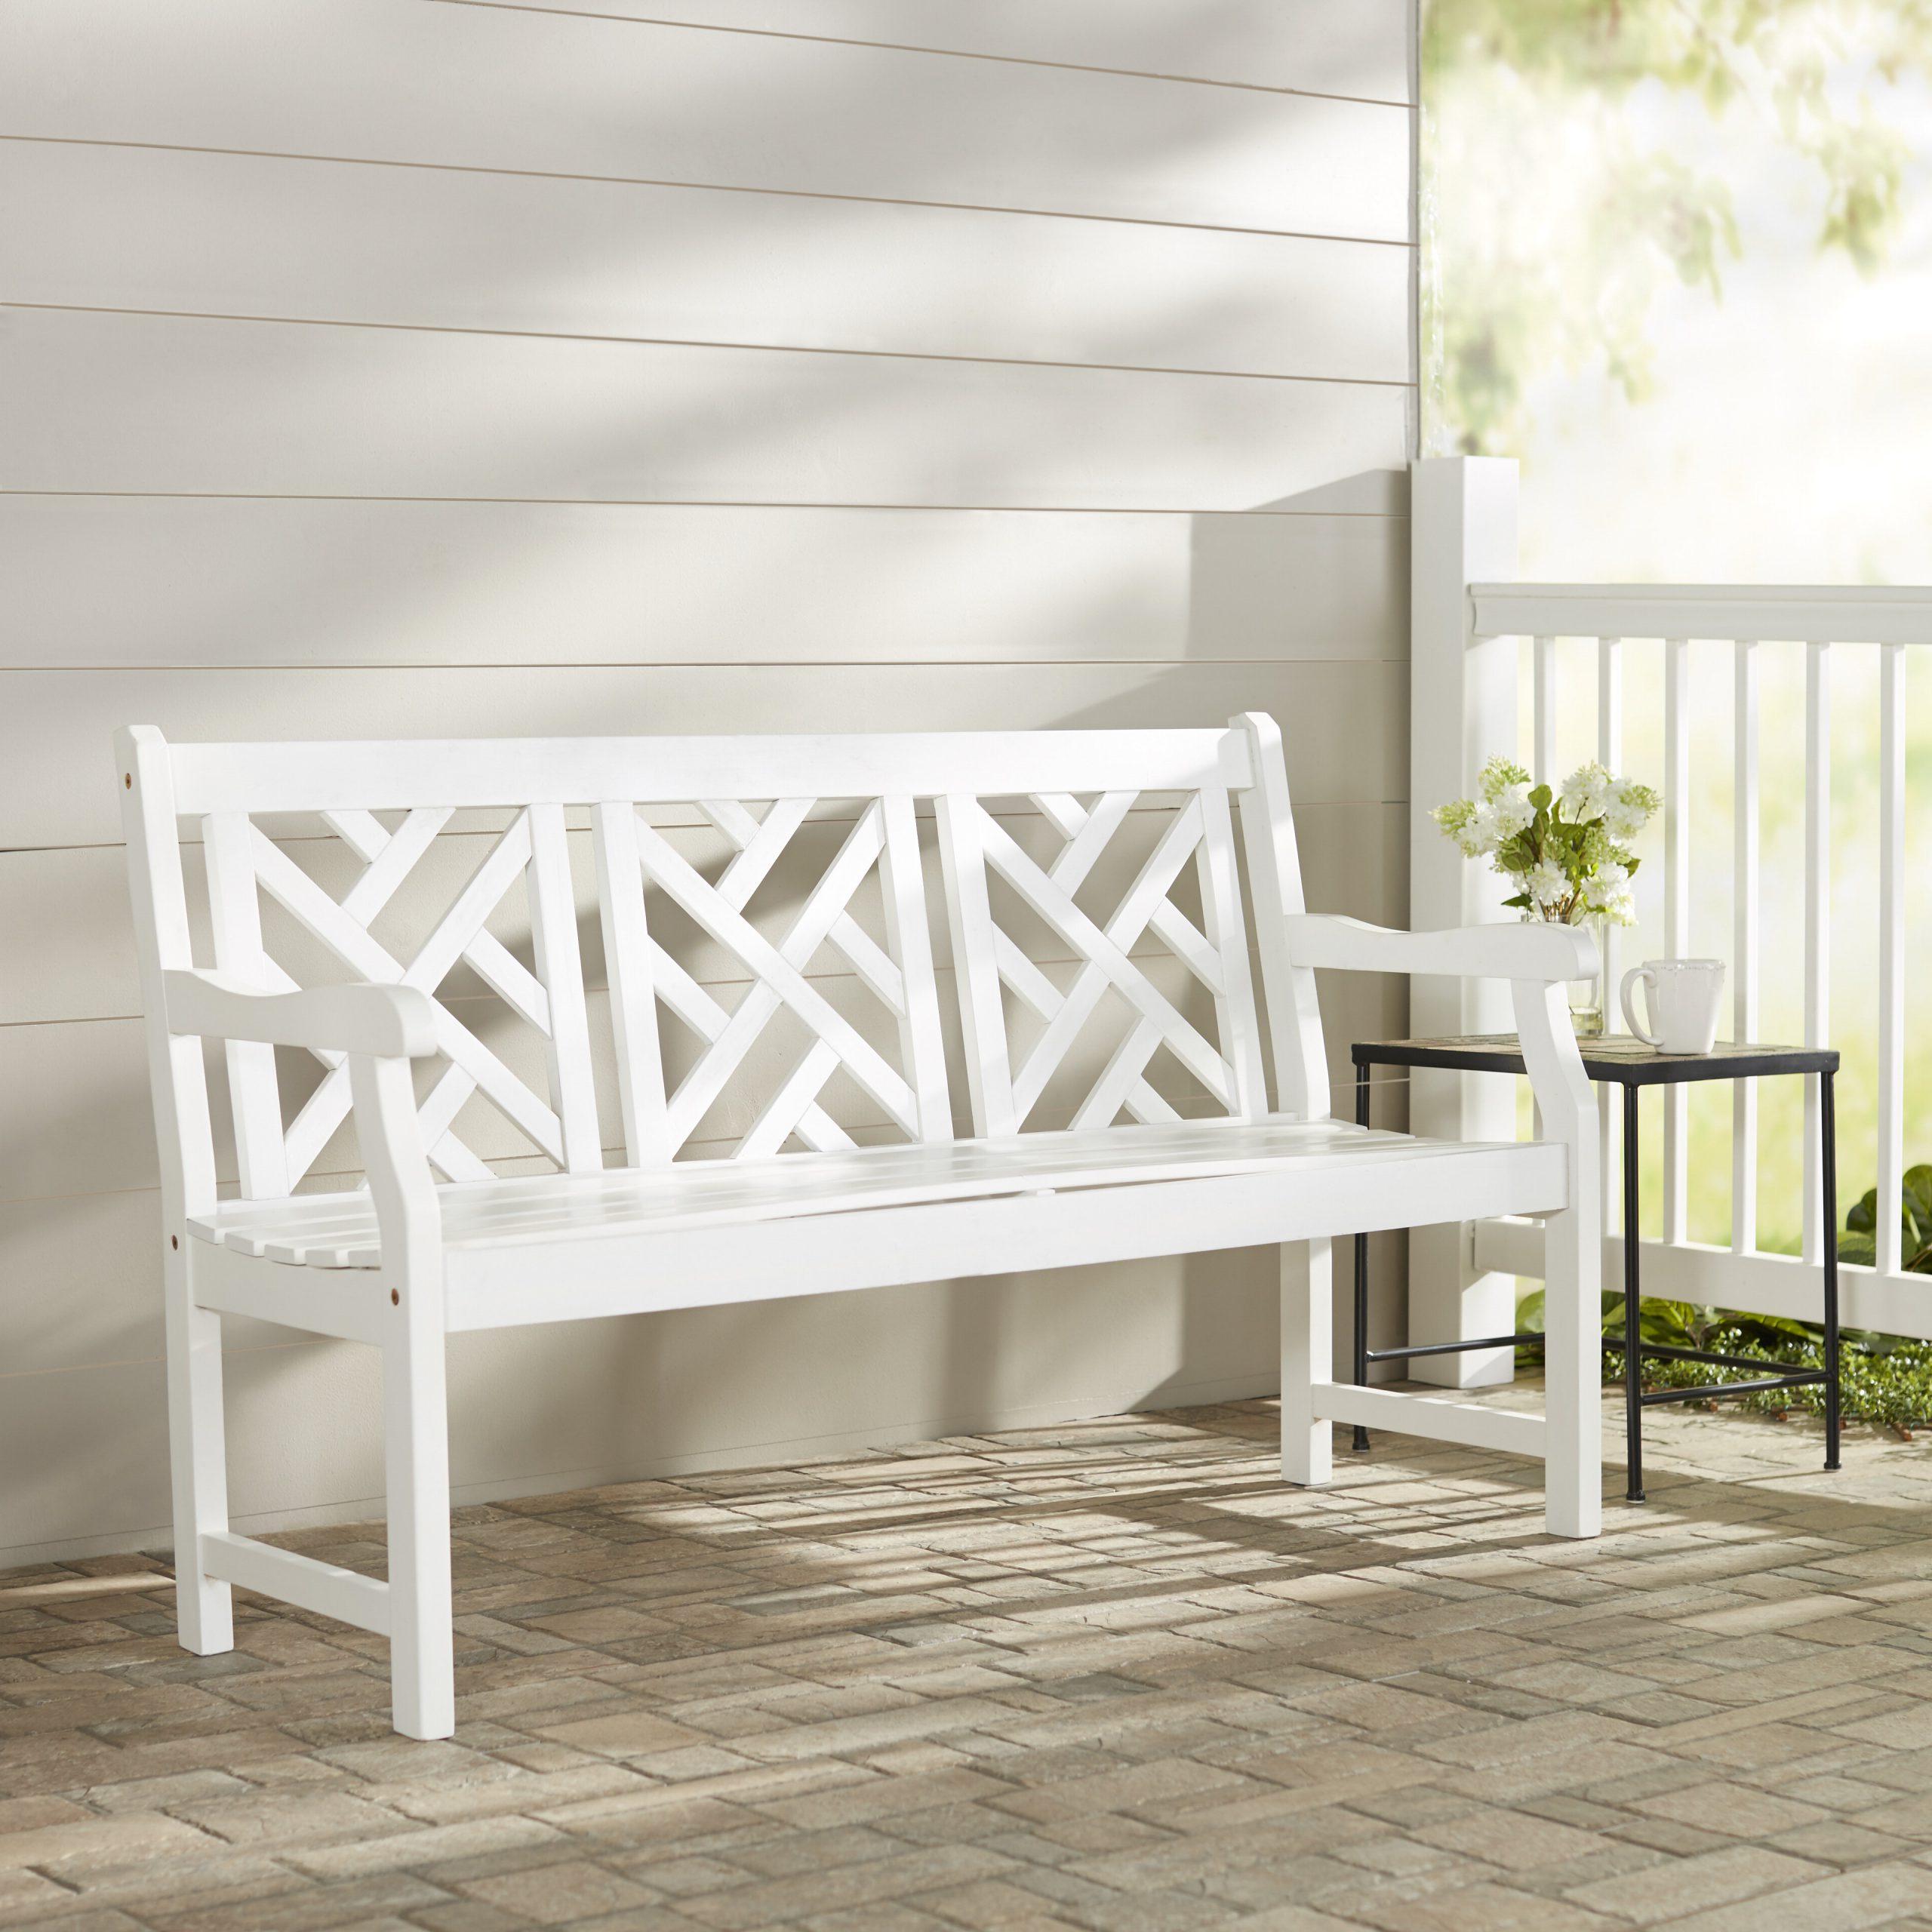 2019 Amabel Patio Diamond Wooden Garden Benches With Regard To Amabel Wooden Garden Bench (View 6 of 30)